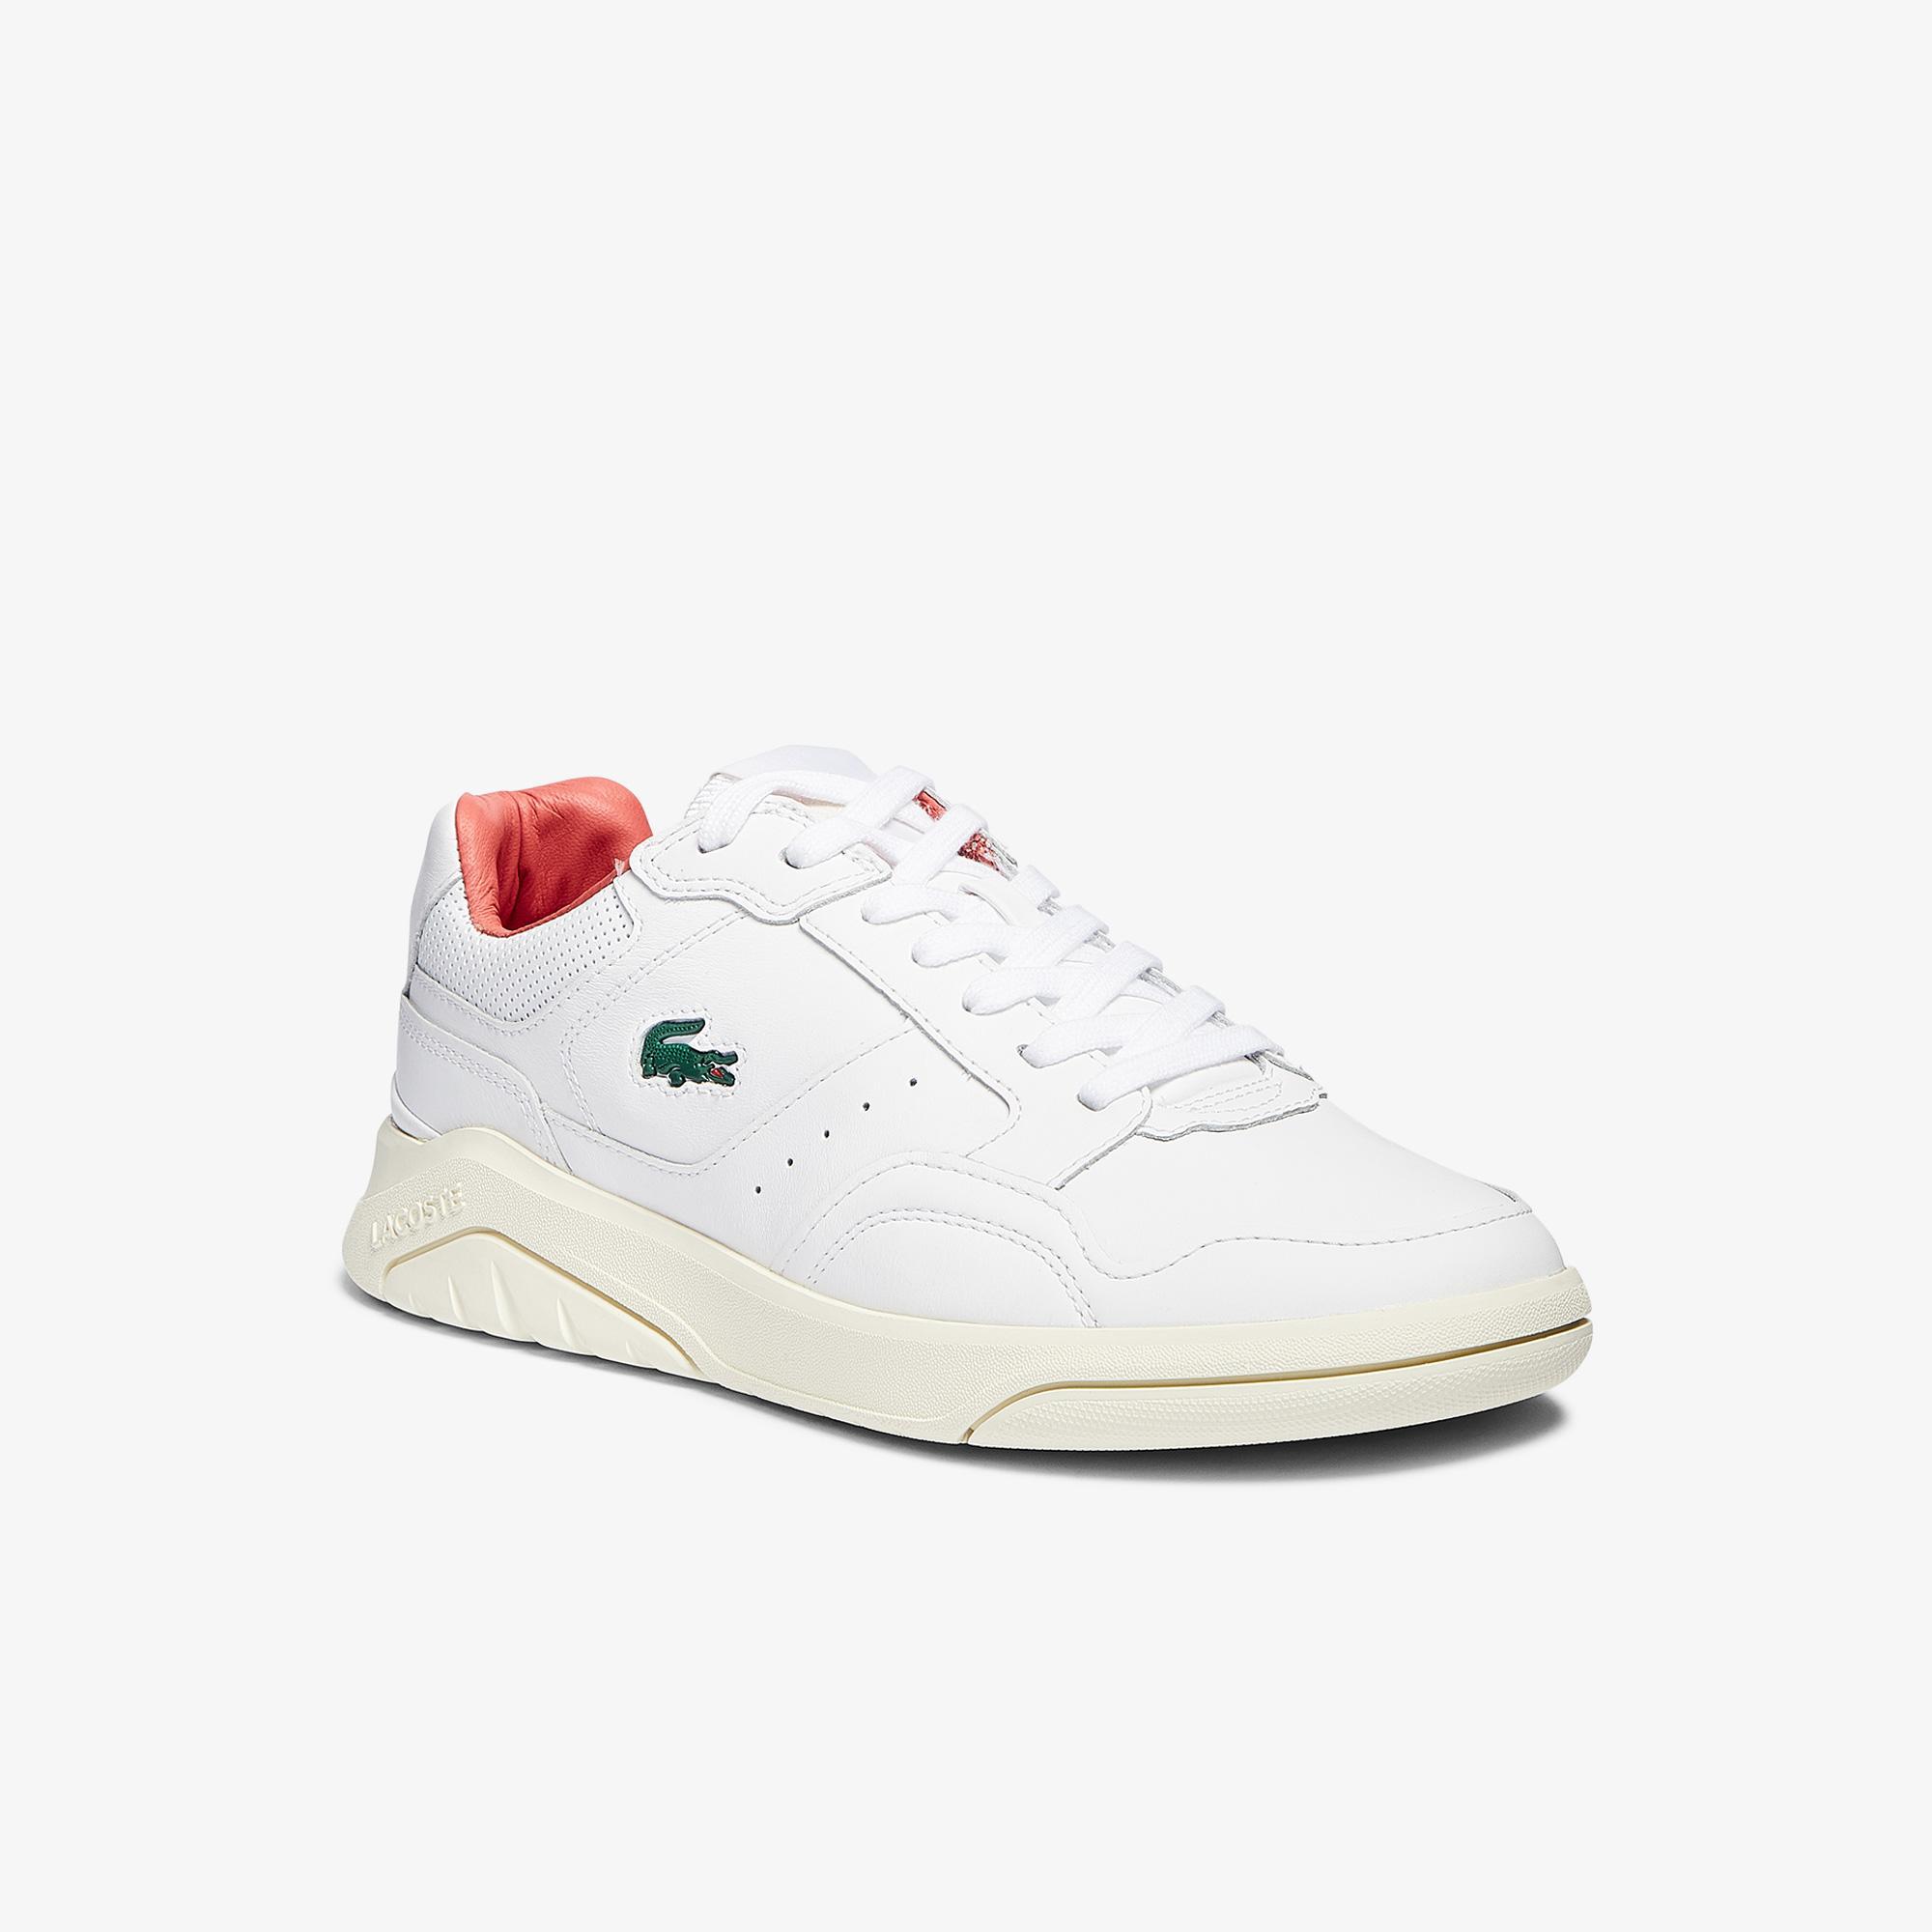 Lacoste Game Advance Luxe07212Sma Erkek Beyaz - Pembe Sneaker